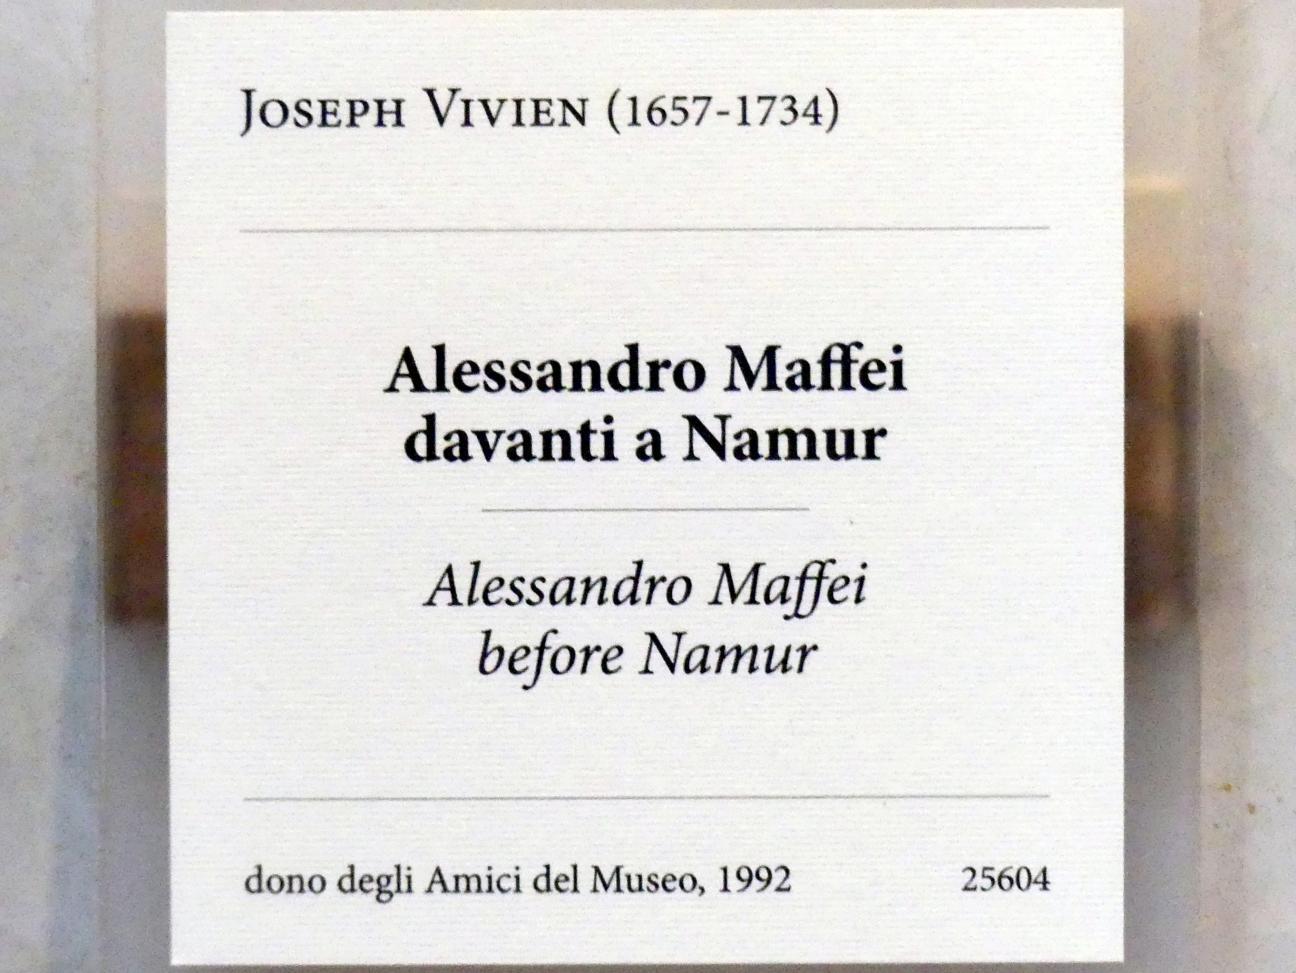 Joseph Vivien: Alessandro Maffei vor der Stadt Namur, Undatiert, Bild 2/2